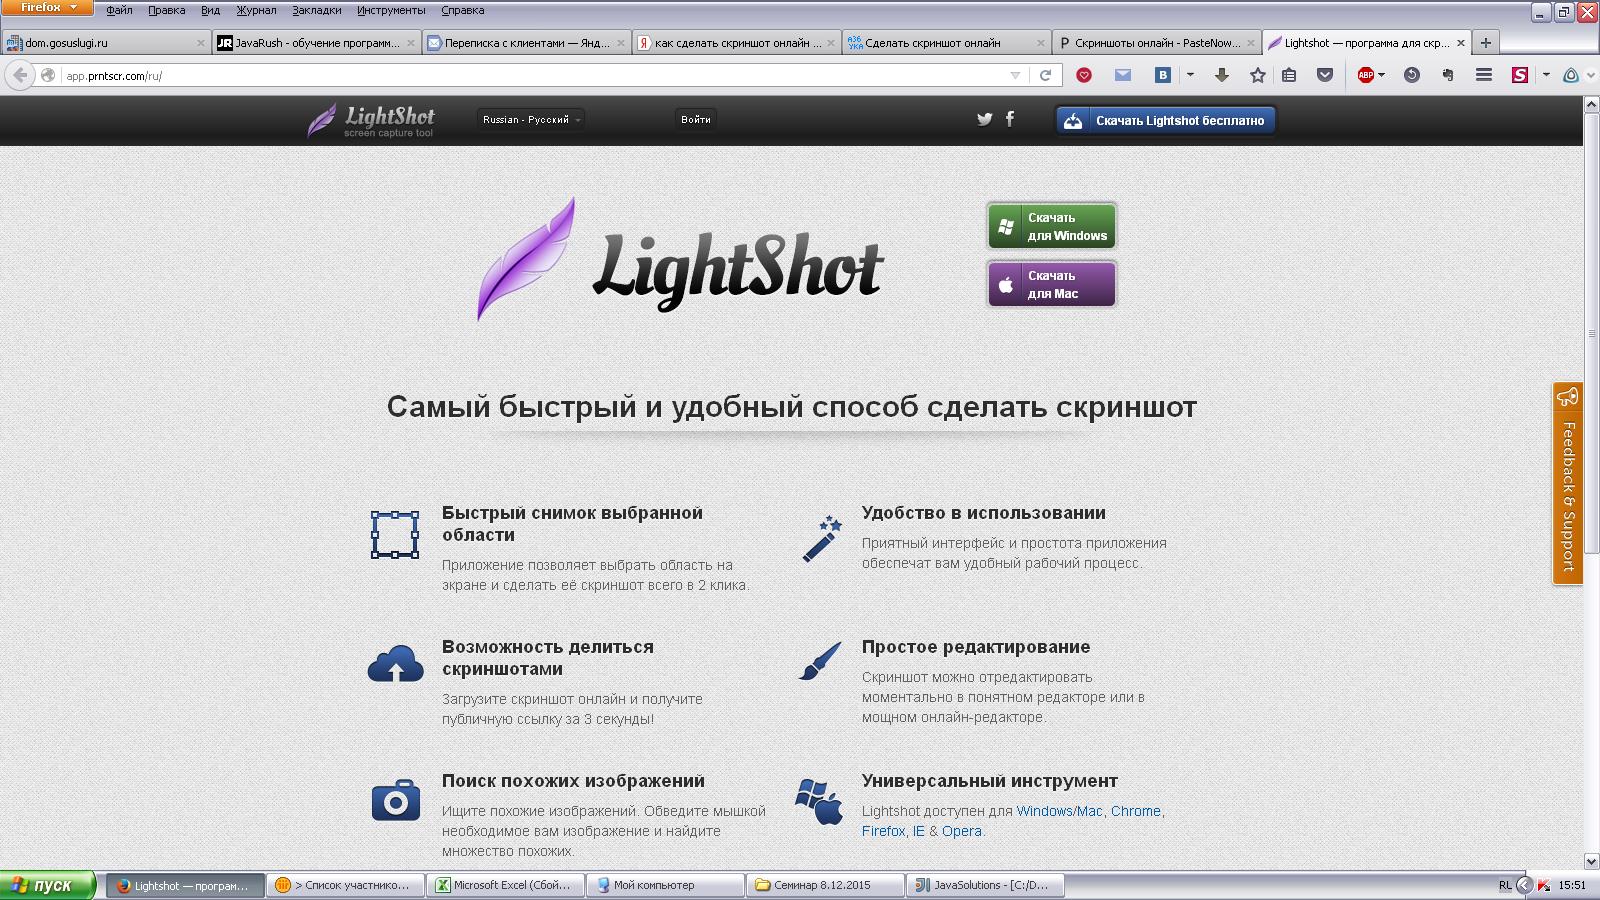 Скриншот экрана как сделать онлайн